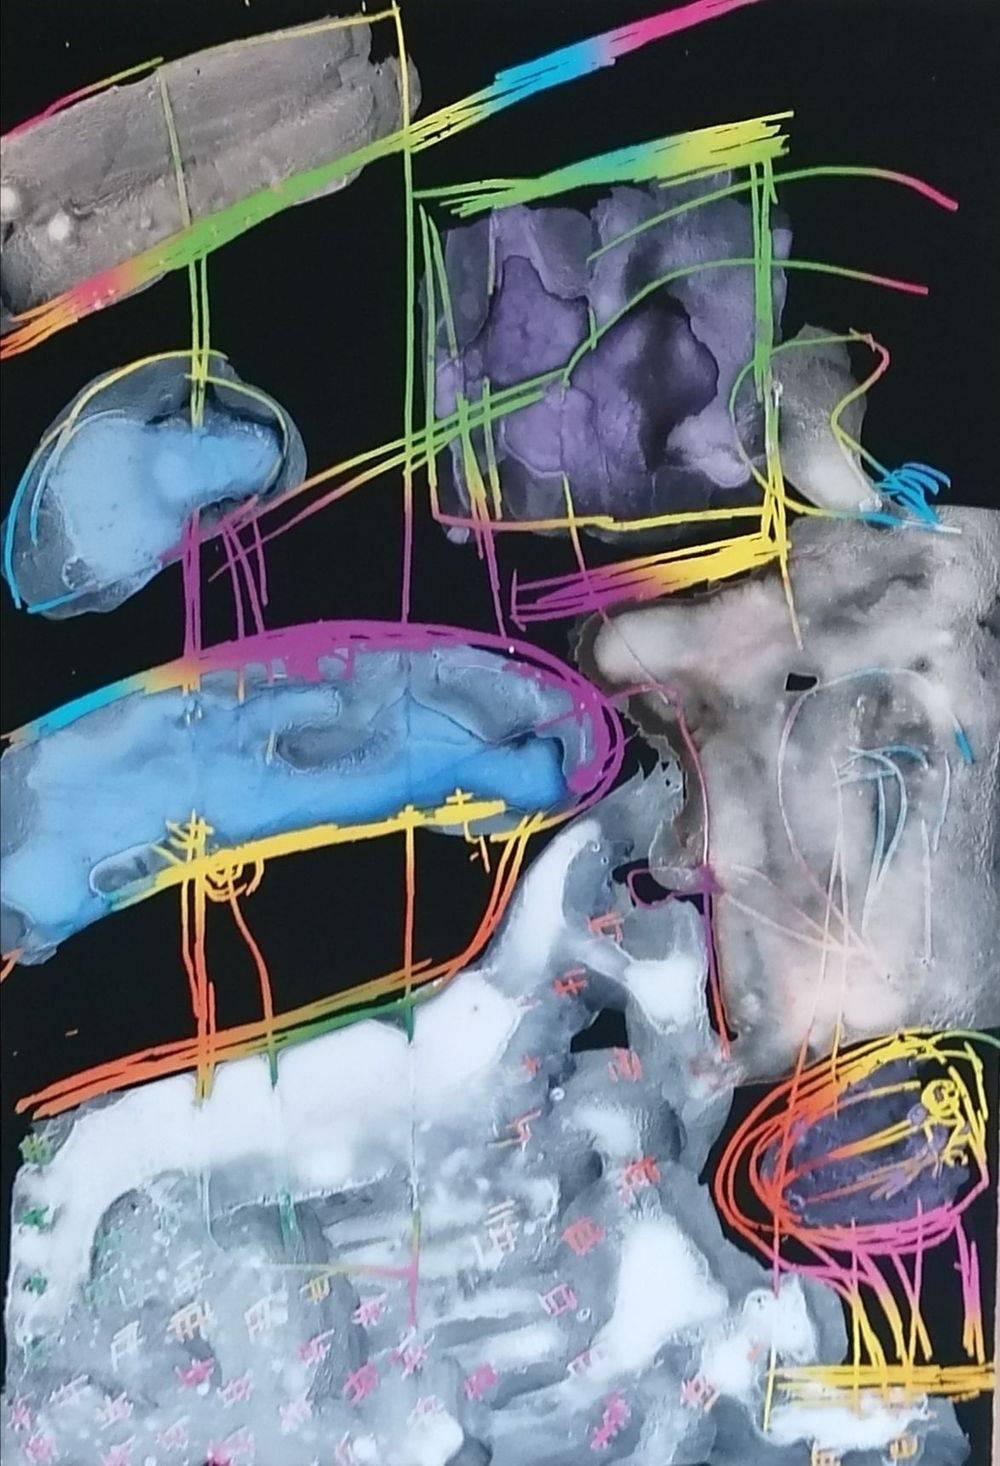 Aquarelle, Carte à gratter, Dessin, Natures mortes, Intérieurs, Histoire de l'art